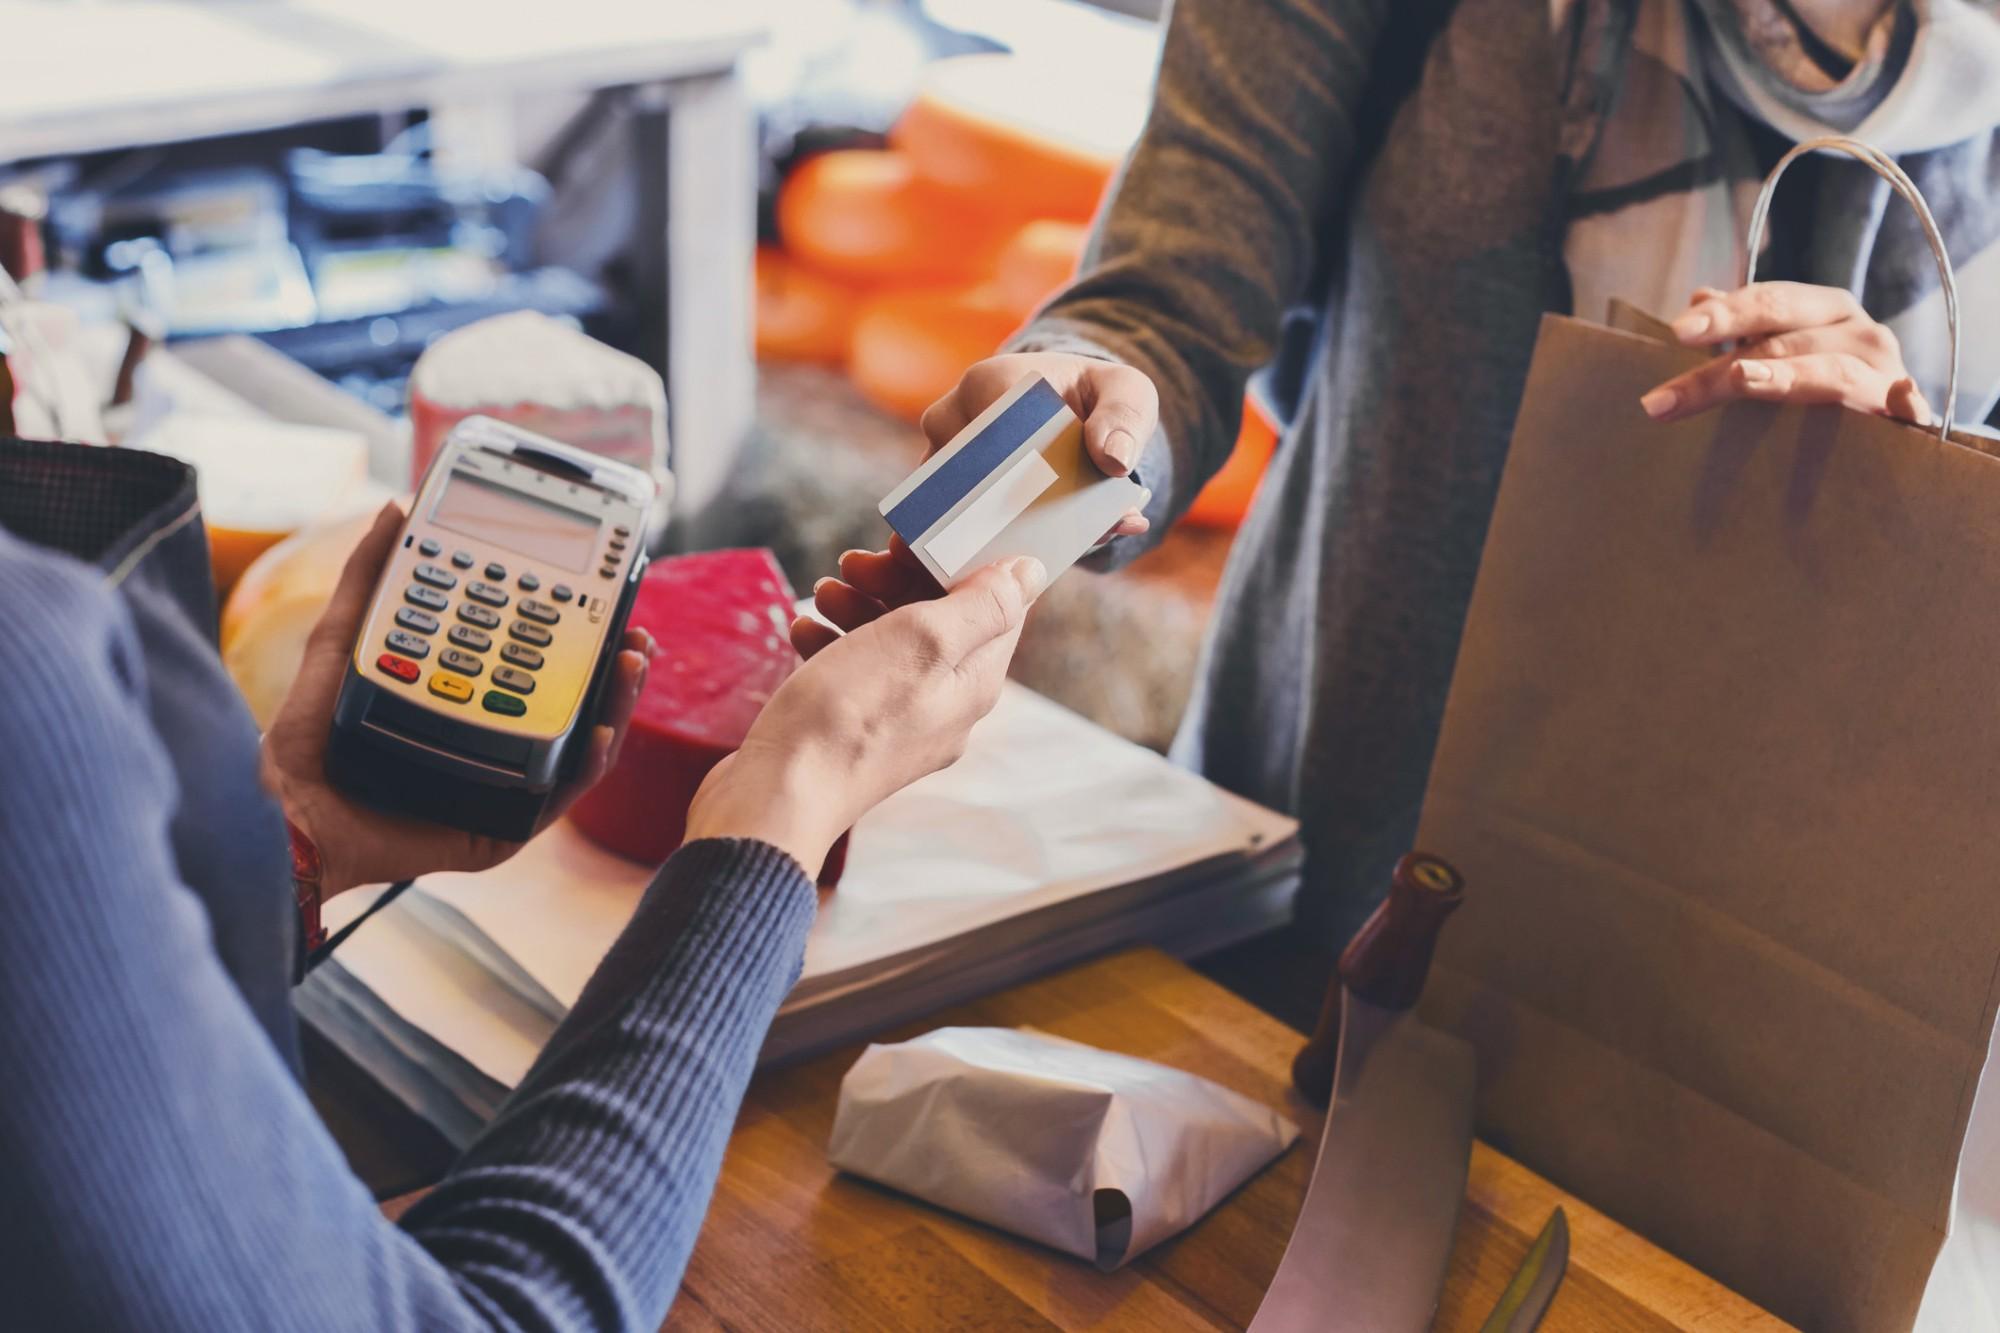 fraude com cartão de crédito